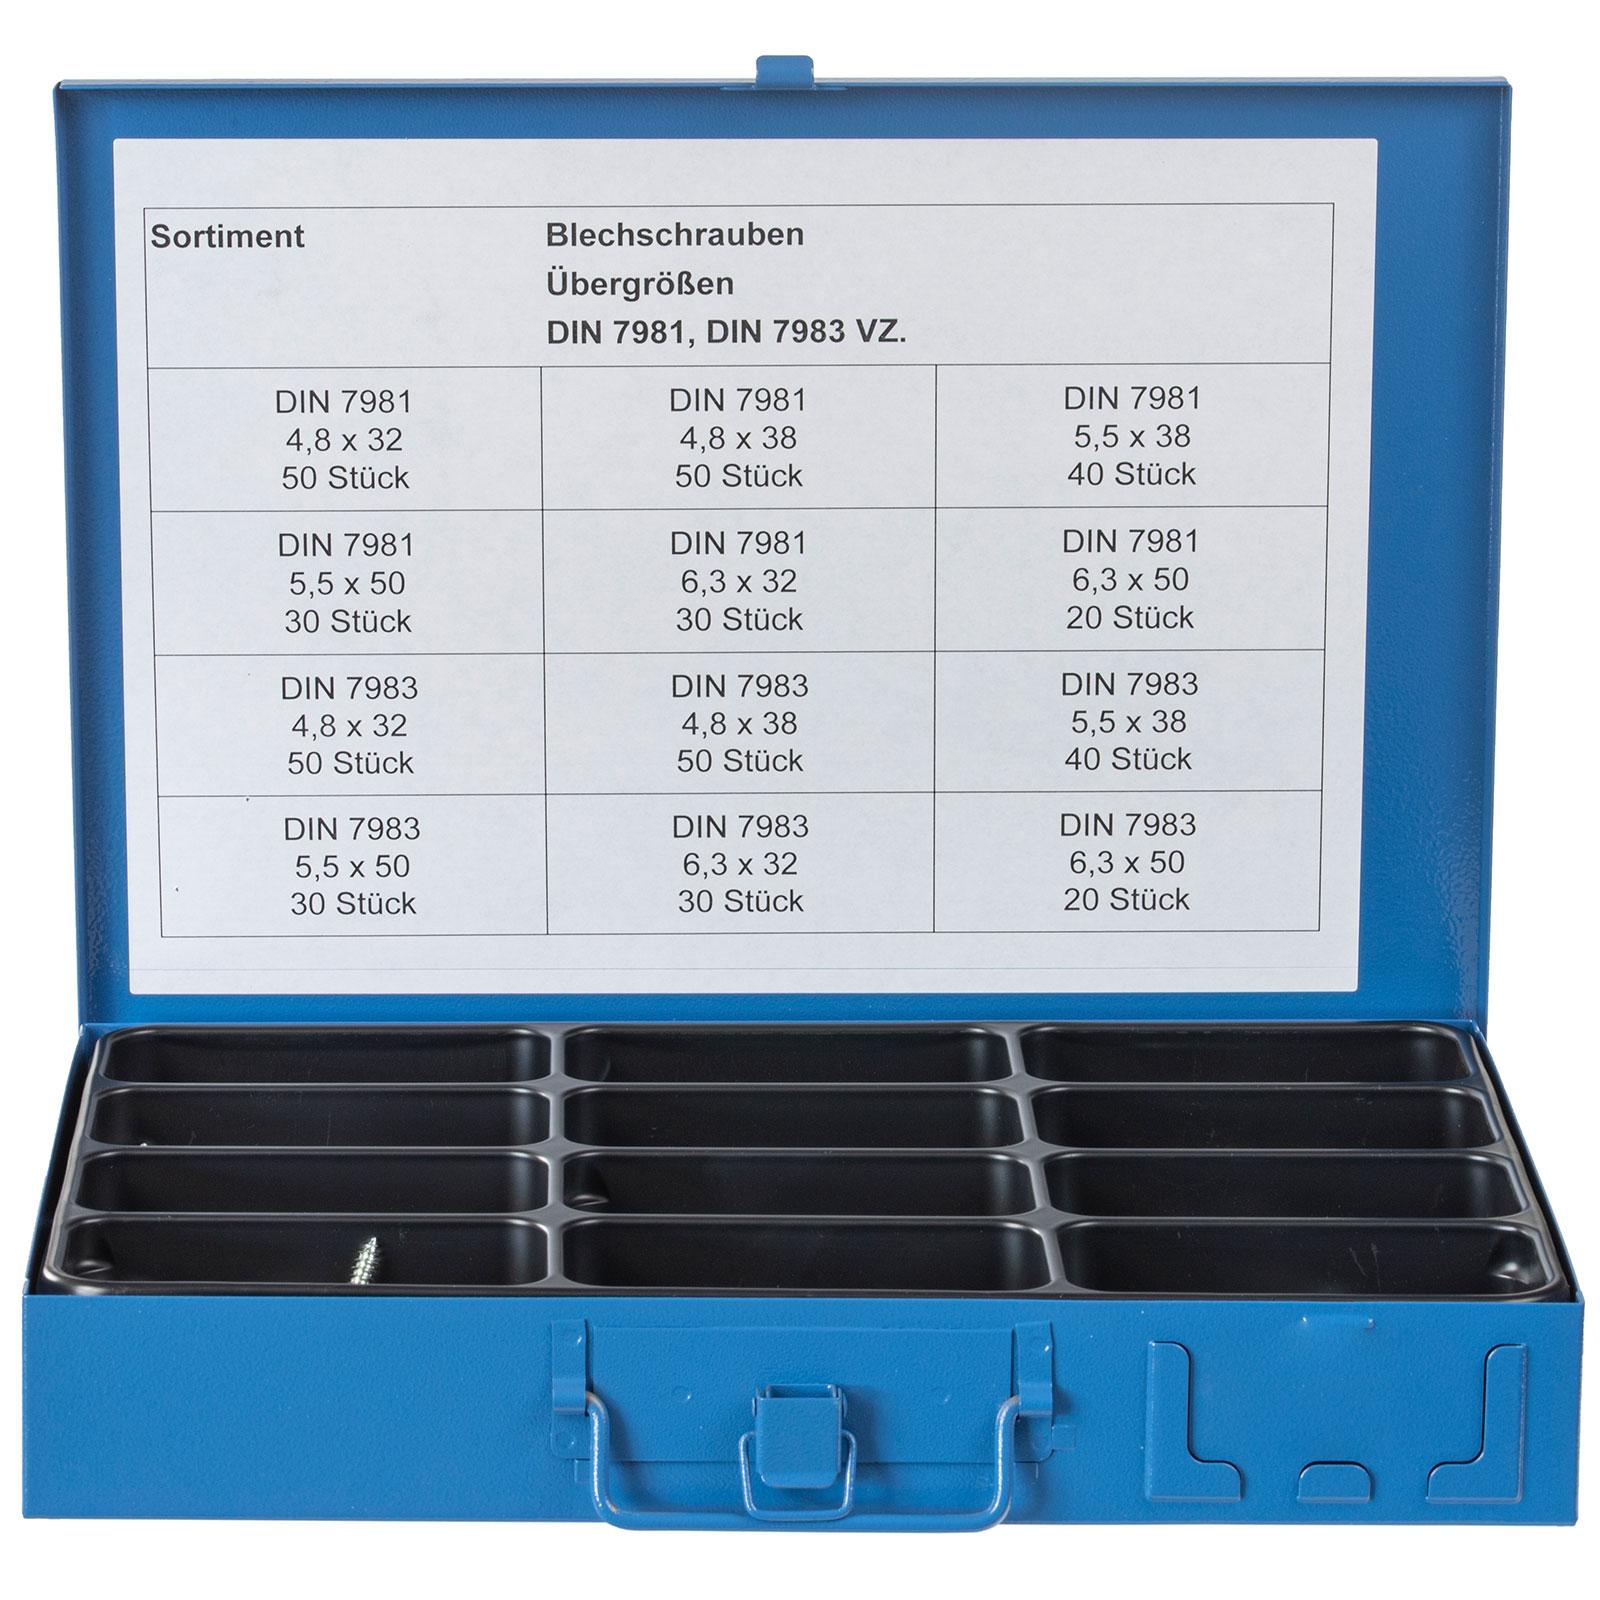 Linsensenk-Blechschraube DIN 7983 Edelstahl A2 Form C-H 3,5 x 16-100 St/ück